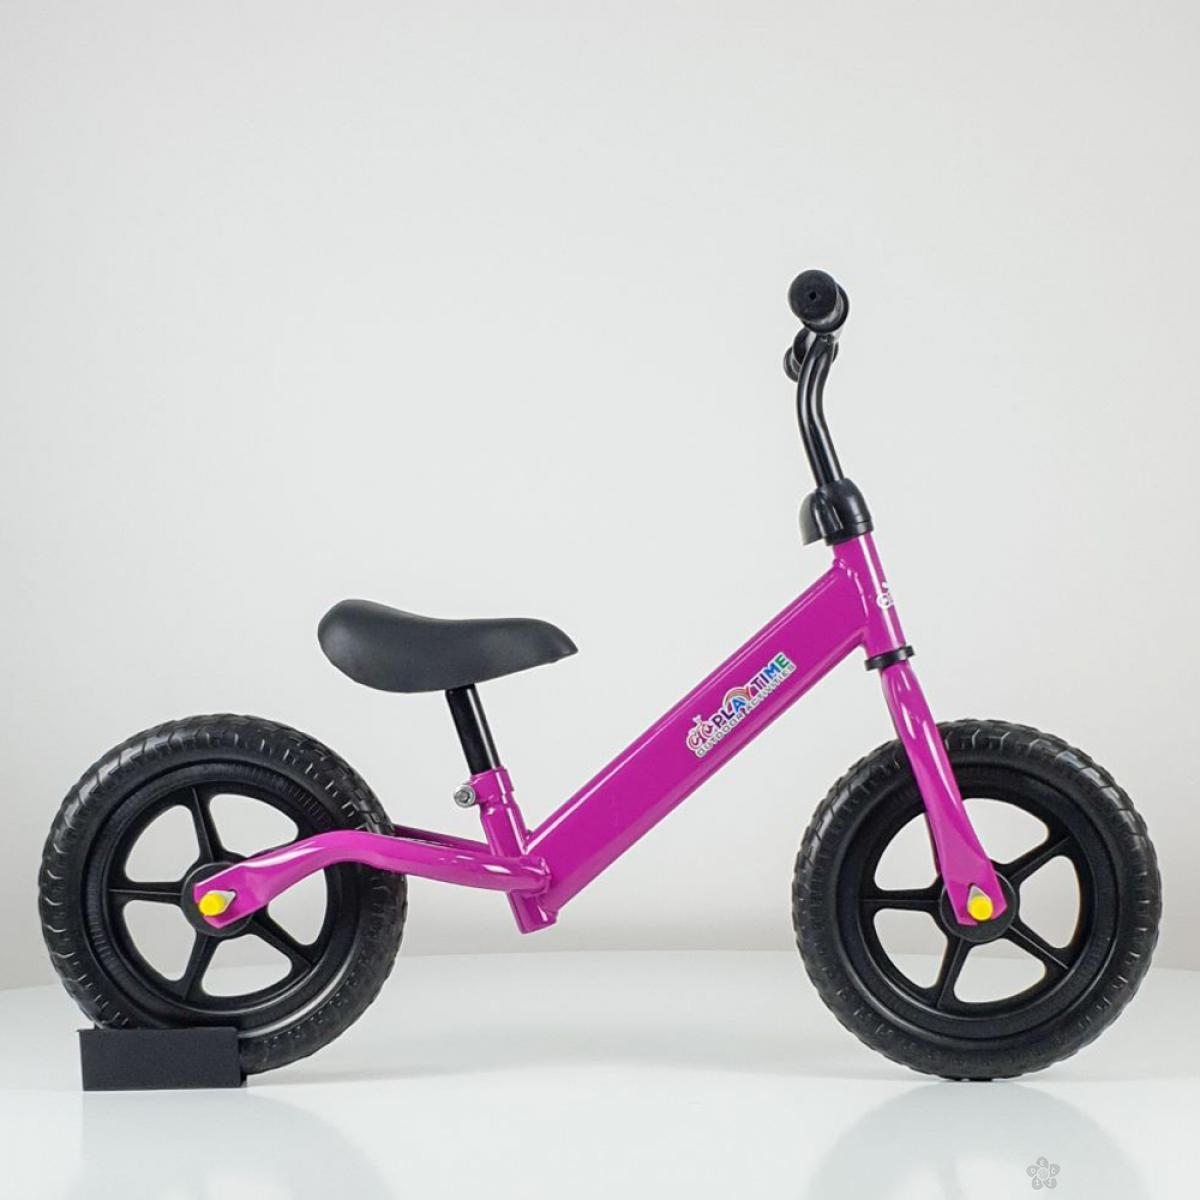 Biciklo za decu Balance bike, model 750 ljubičasti